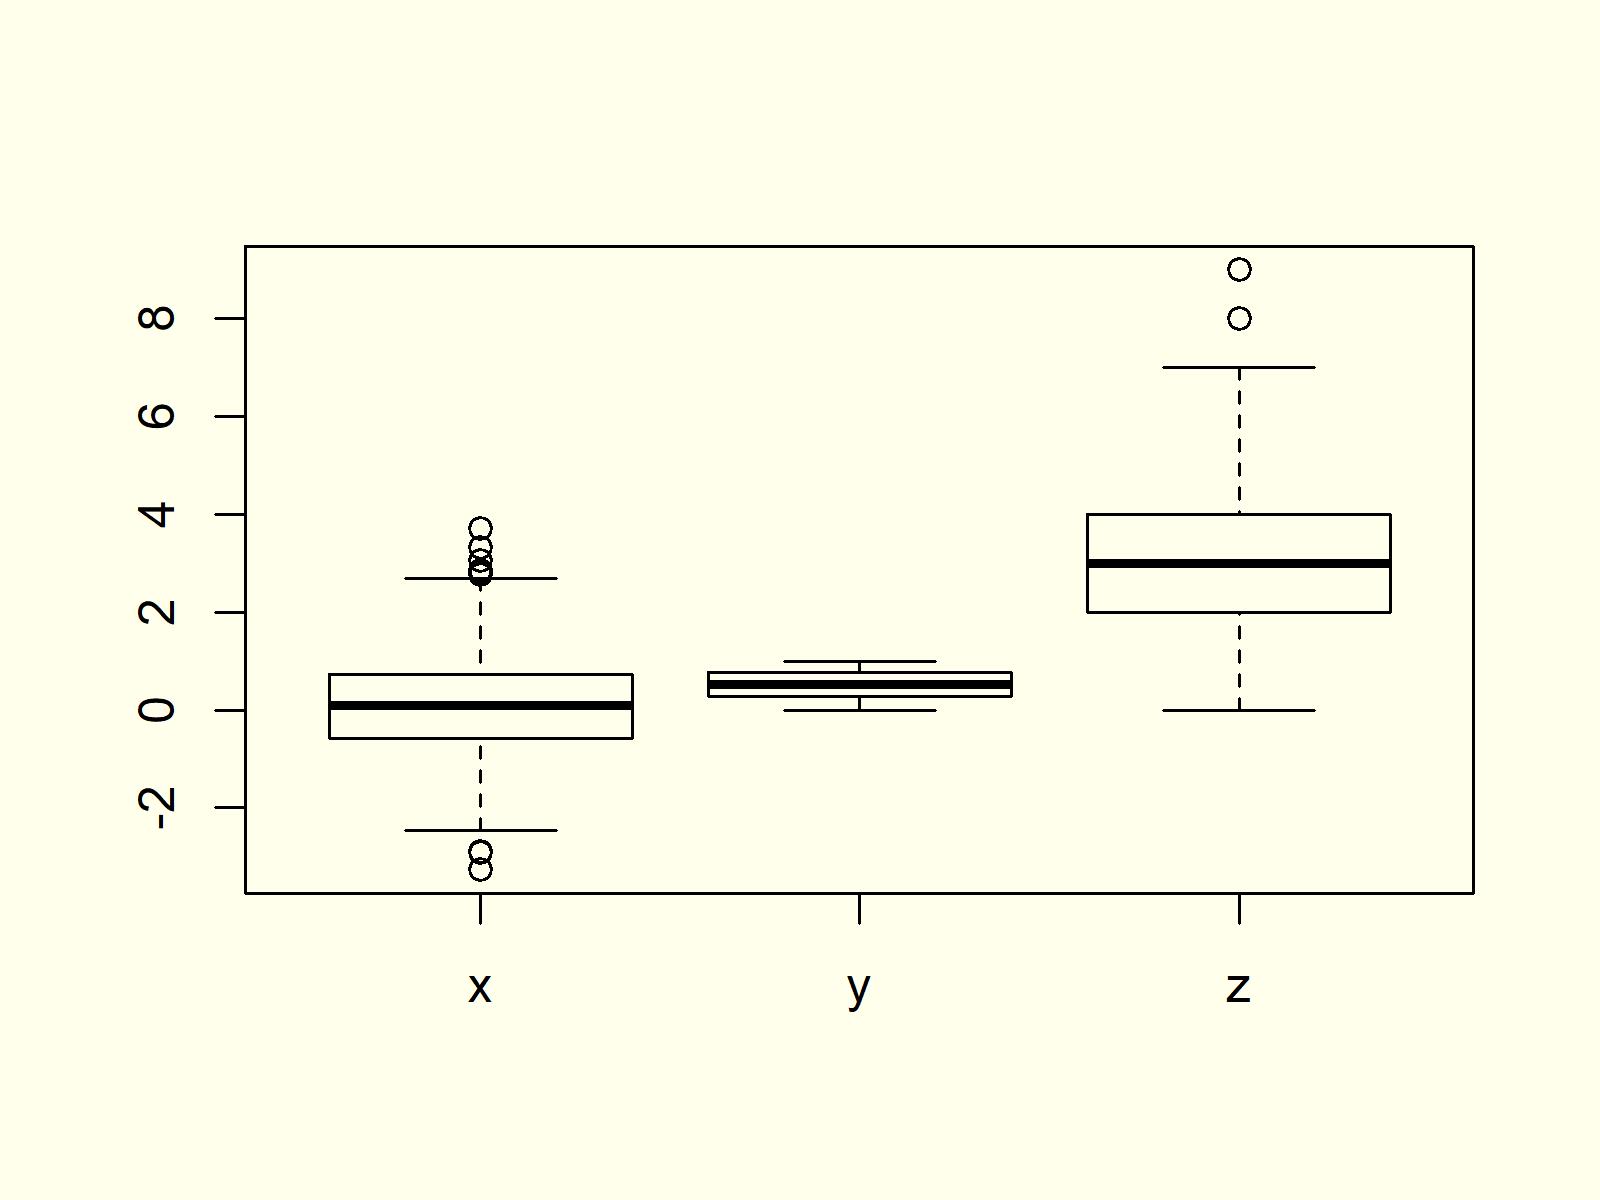 Boxplot In R 9 Examples